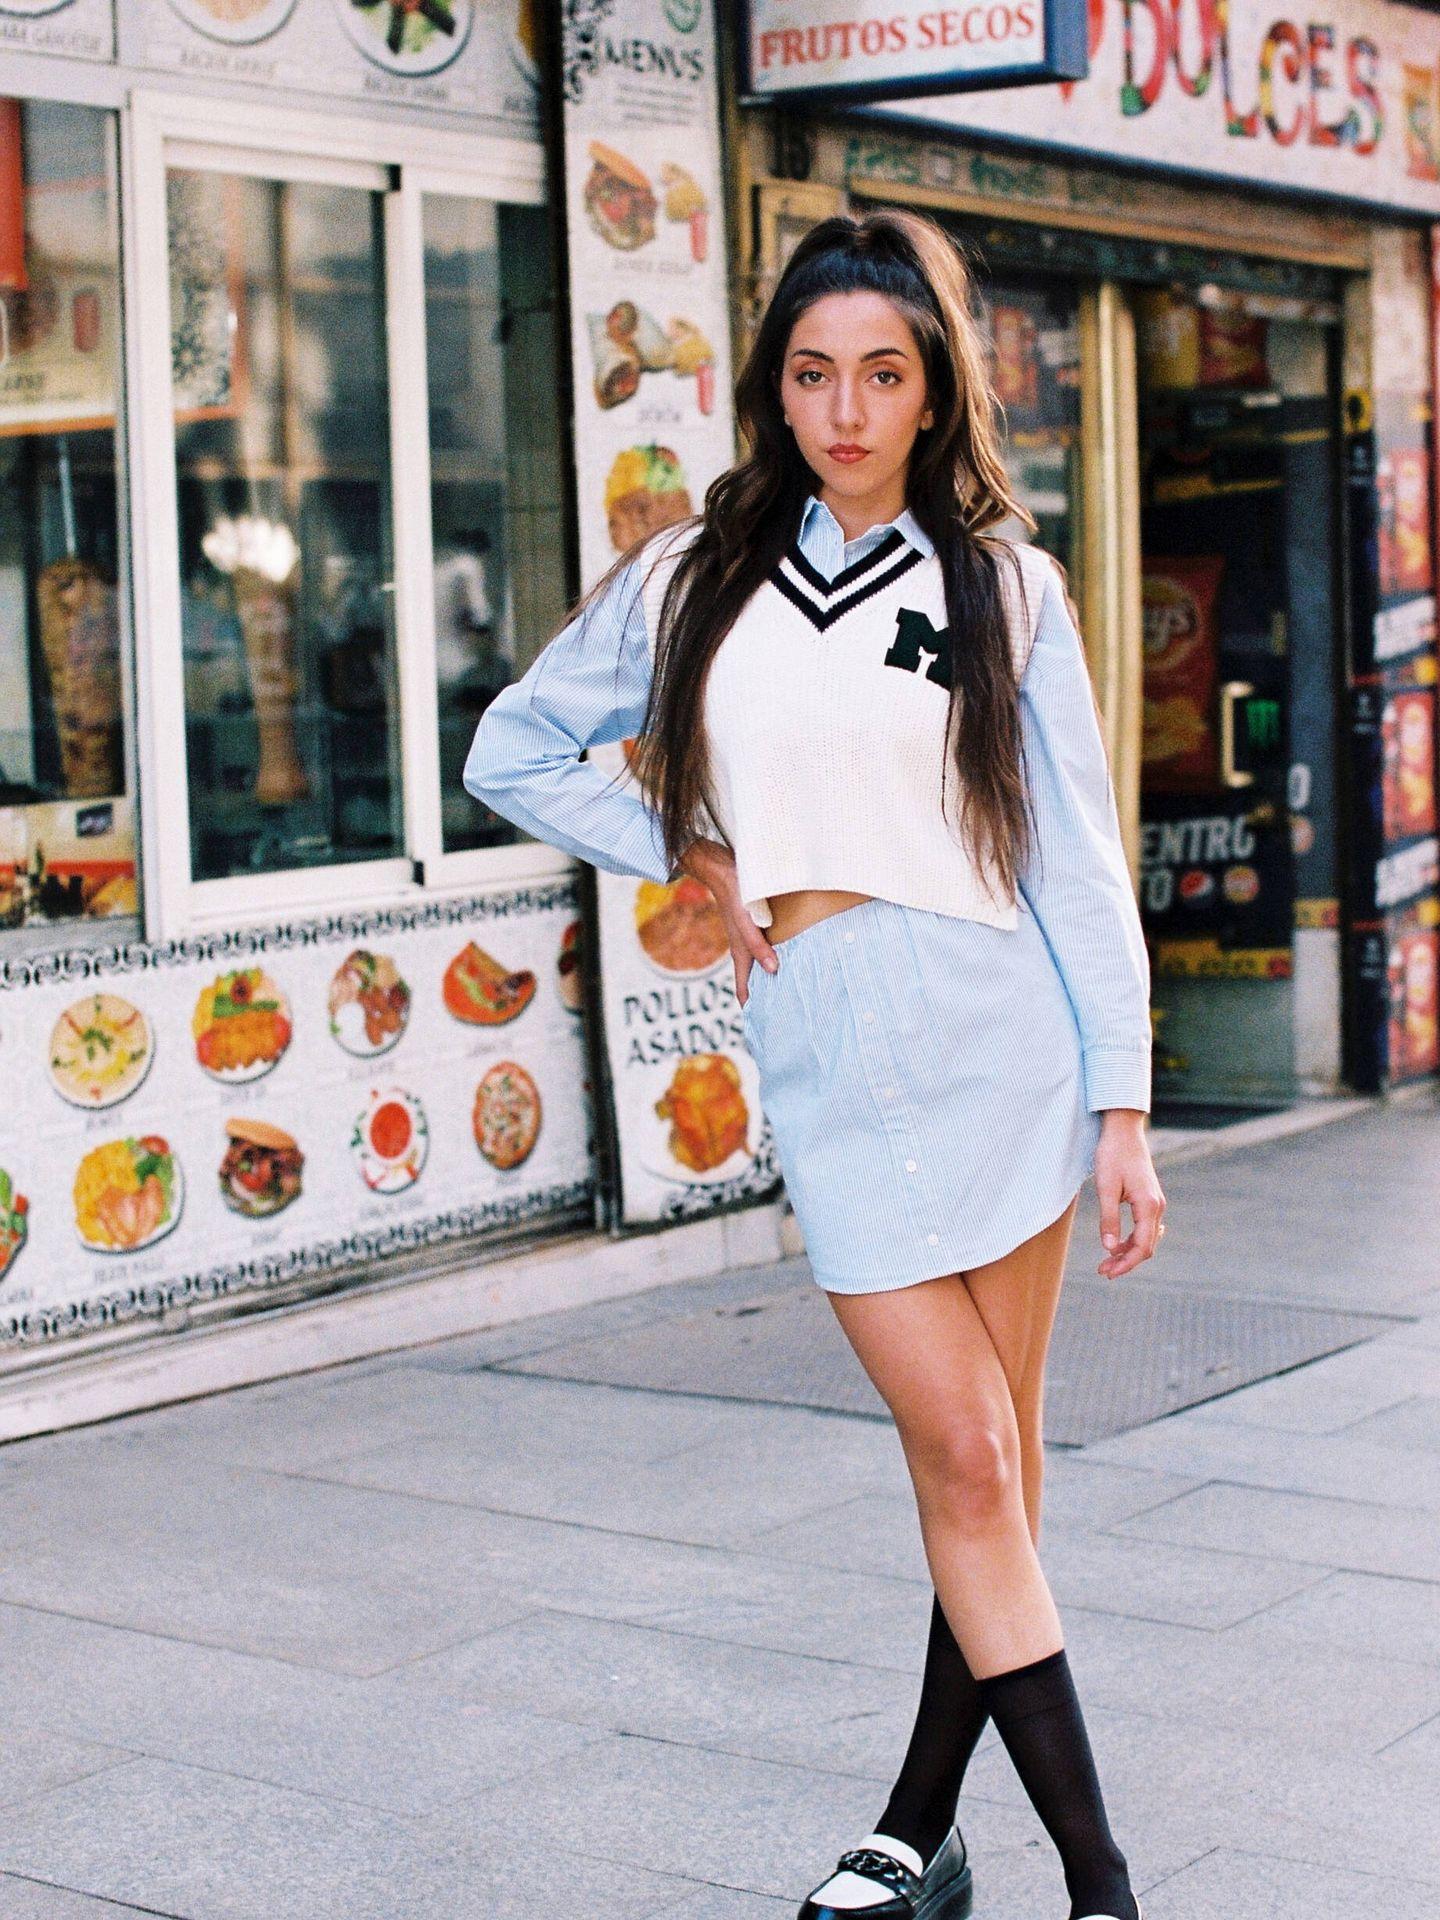 Lucía Fernanda tiene unos gustos musicales eclécticos y admira, entre otros, a Amy Winehouse y Paul McCartney. (Foto: Sony Music)